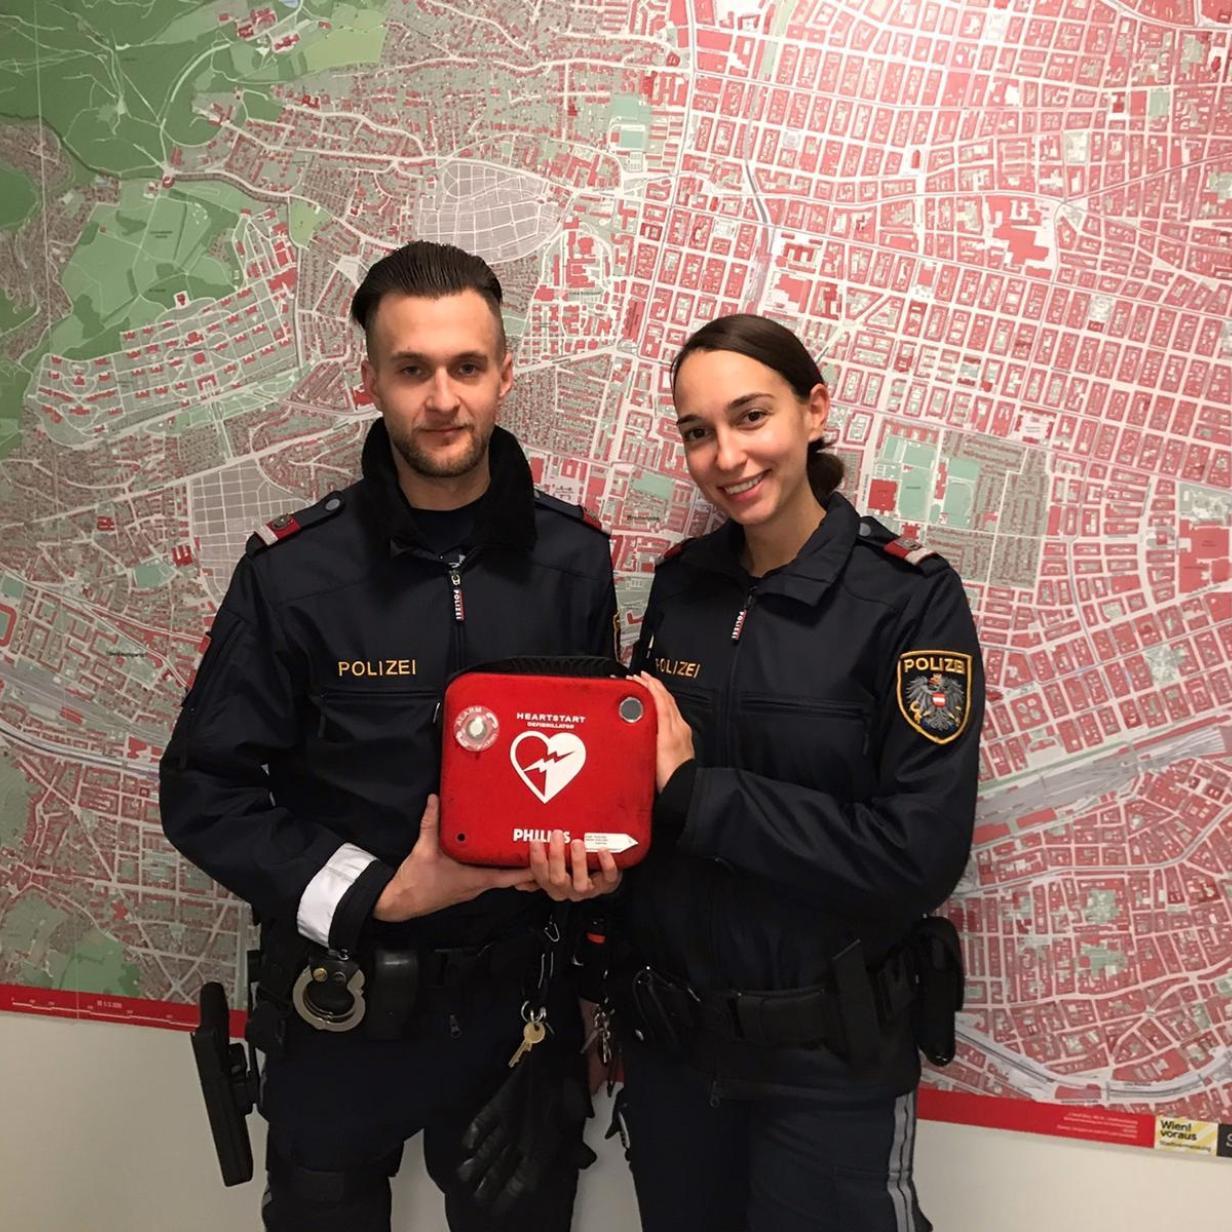 Reglos in Aufzug gefunden: Polizisten retten 47-Jähriger das Leben